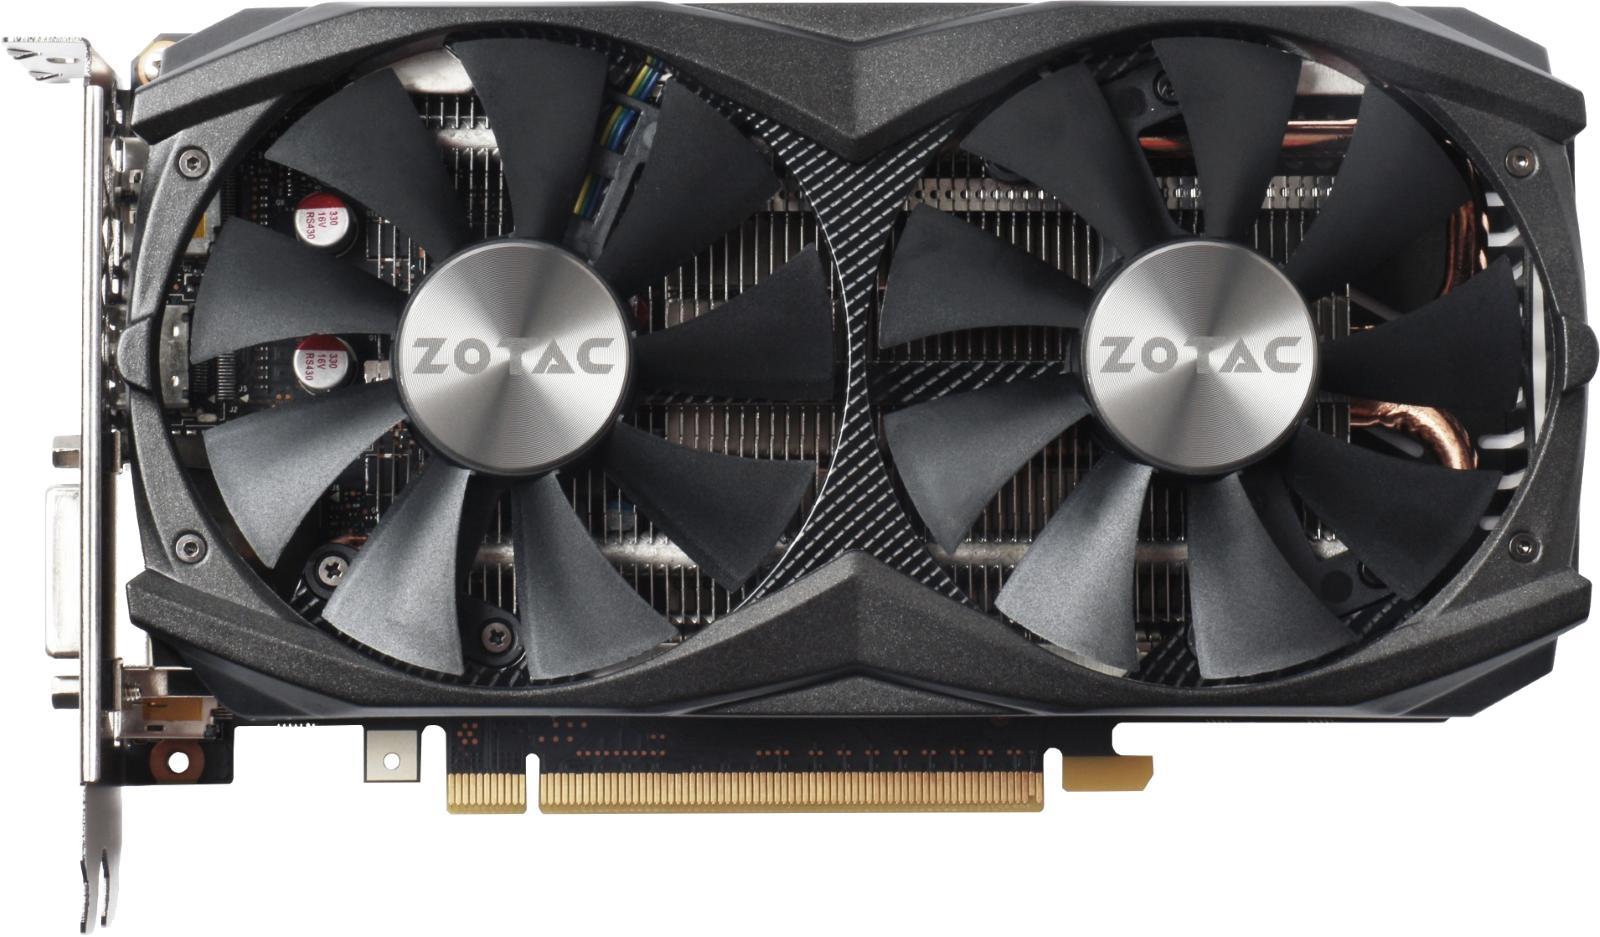 Zotac GeForce GTX 960 AMP!